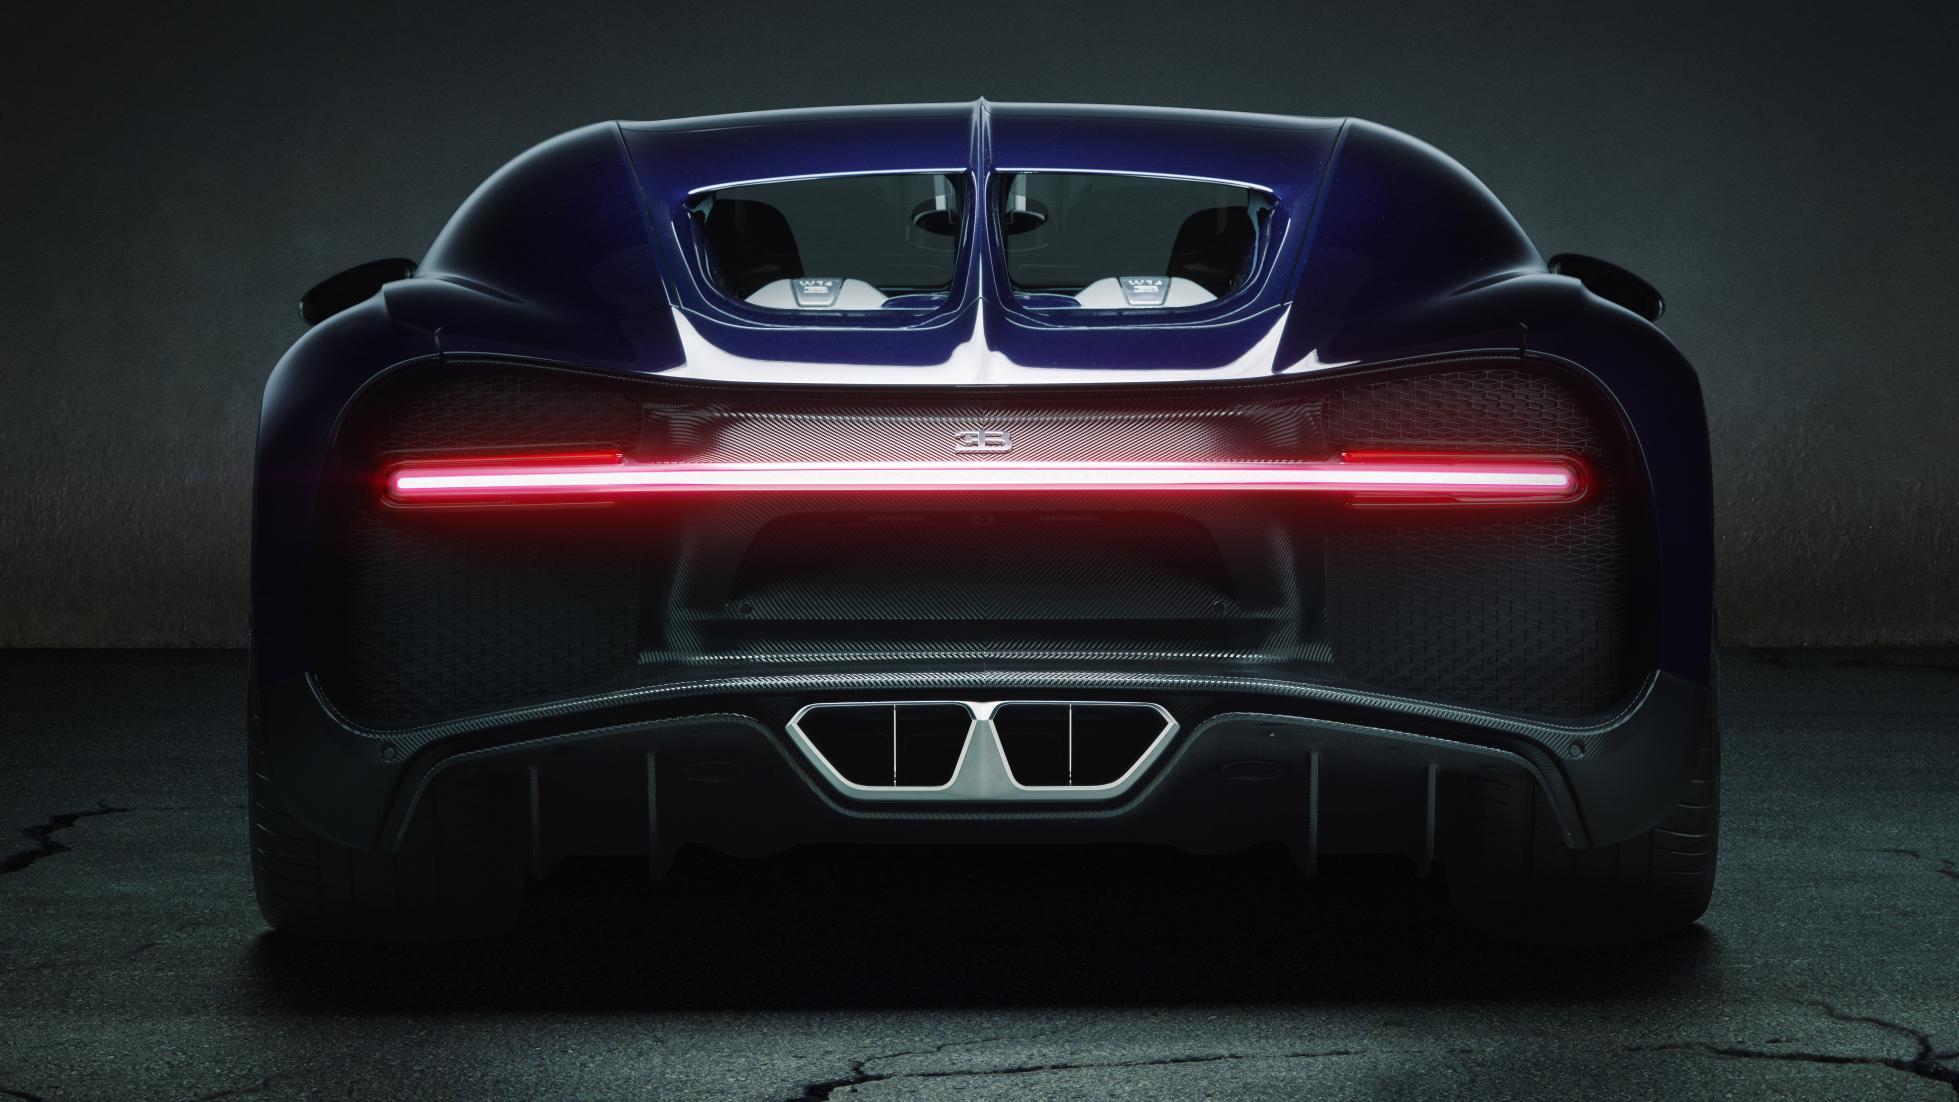 Bugatti Chiron Facts - bugatti-chiron-exhaust-system